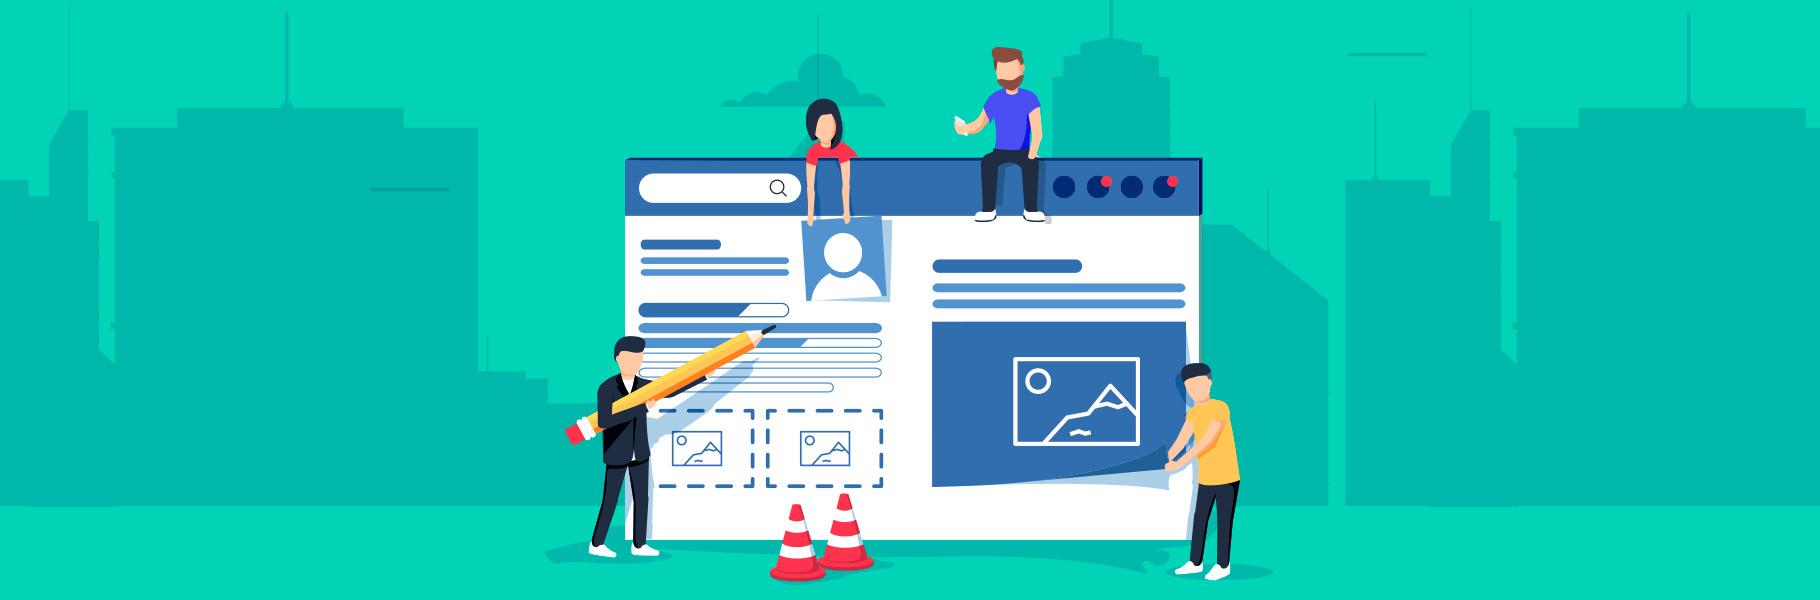 Qué es UX y cómo te ayudará a ser un profesional completo